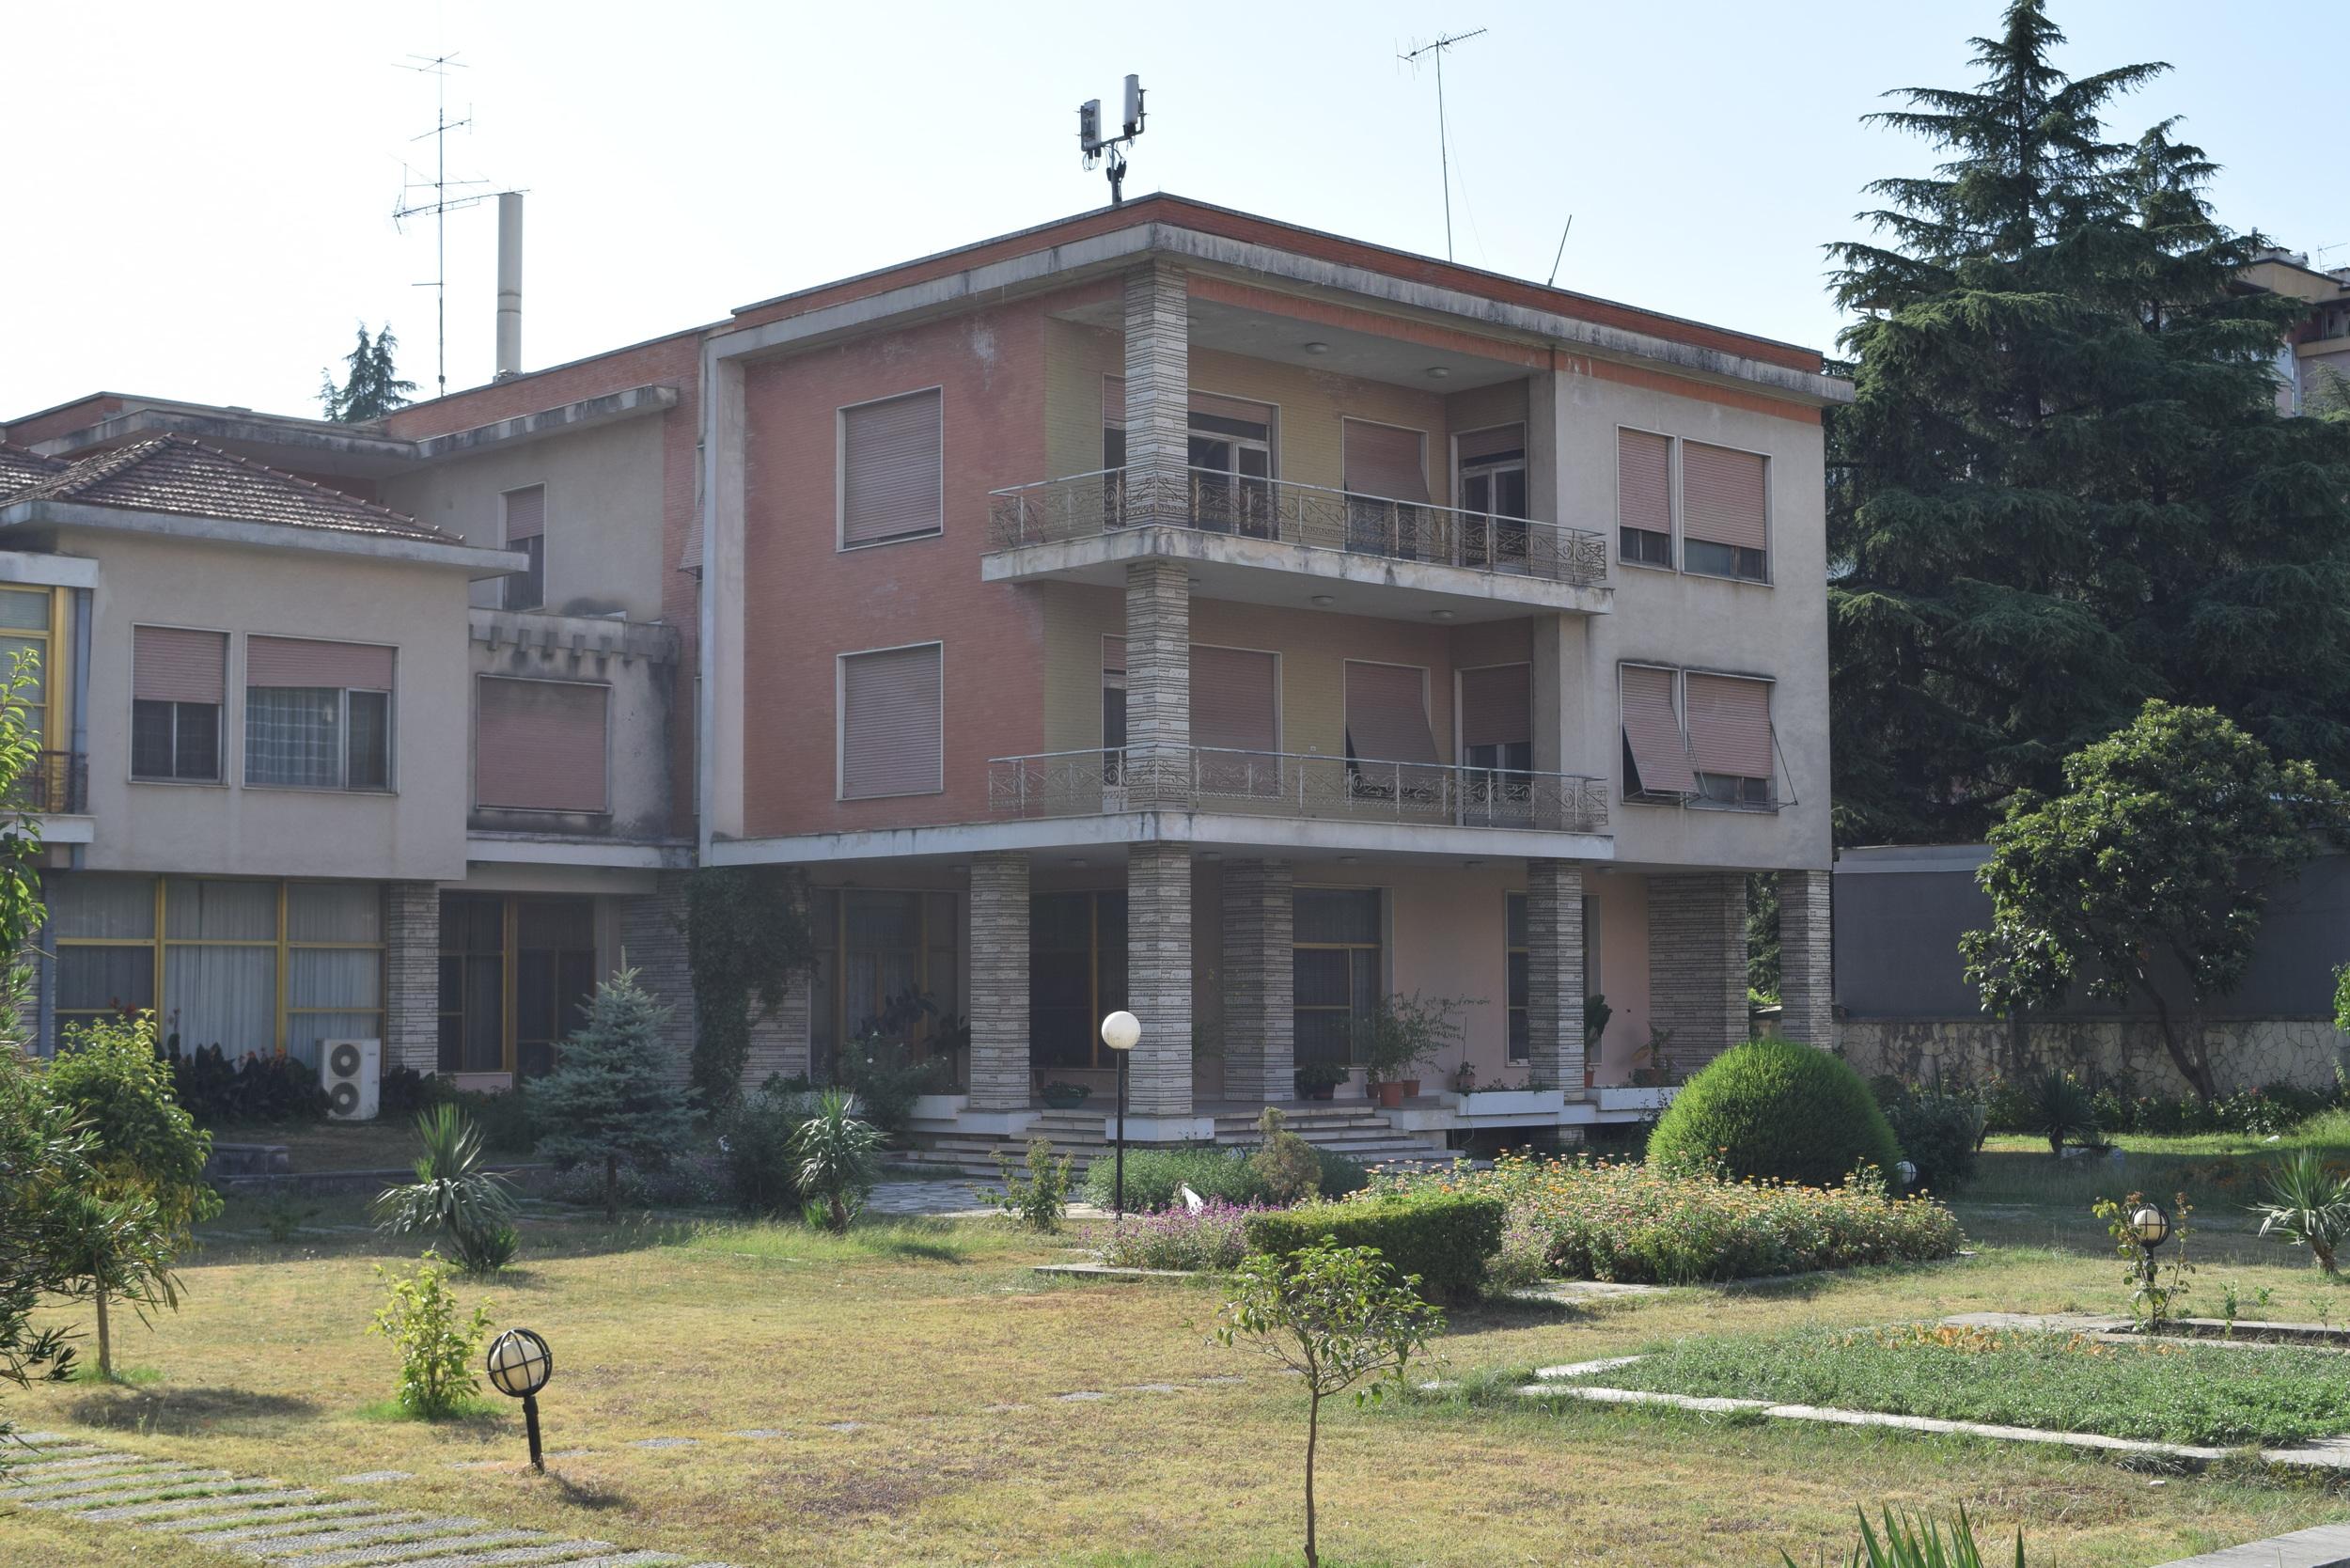 The back side of Enver Hoxha's residence